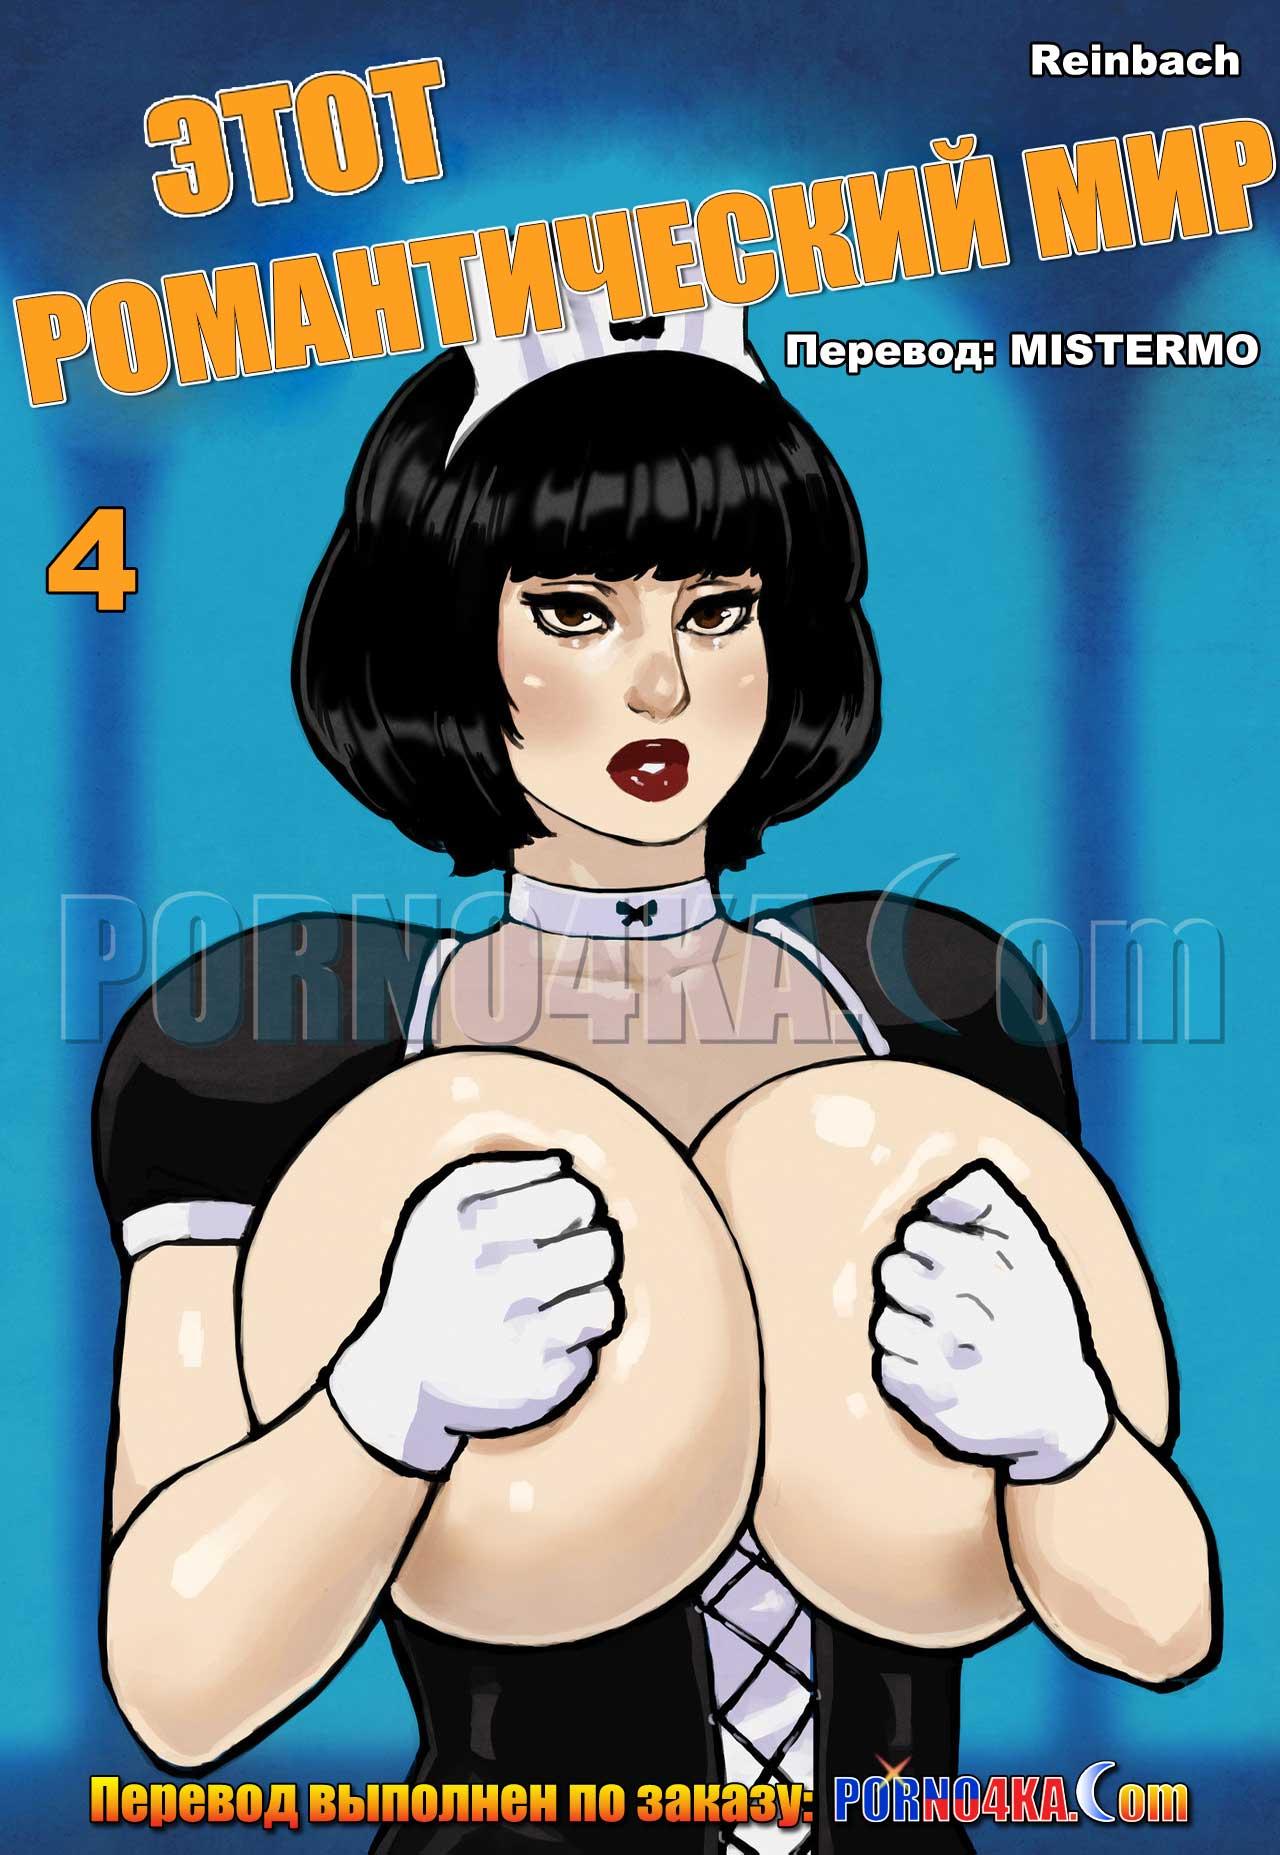 порно комикс романтический мир 4